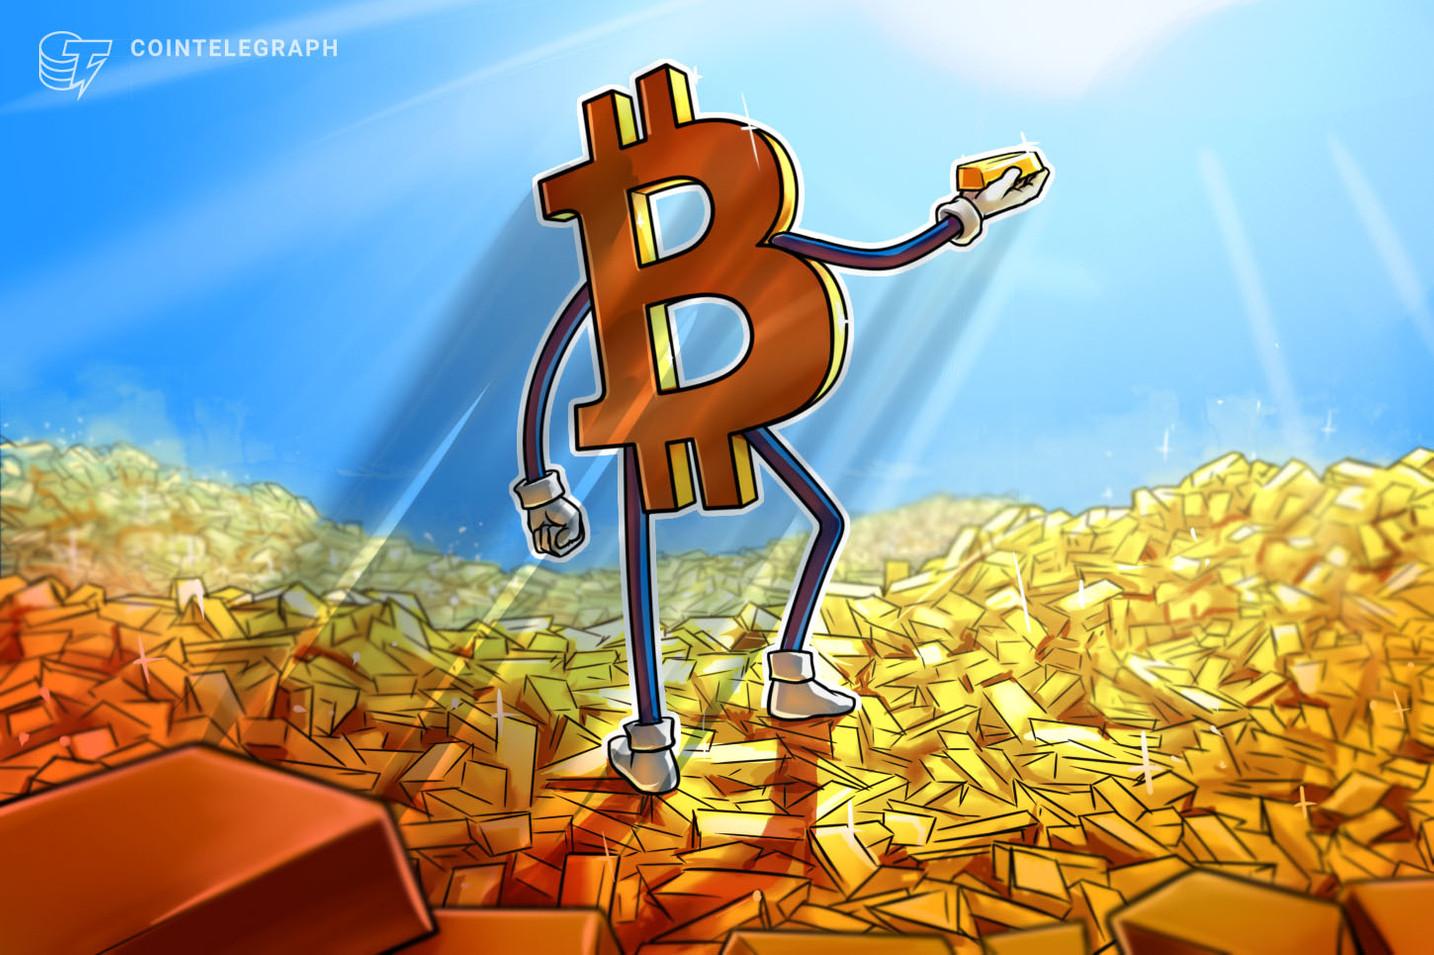 Milijarder Ray Dalio ima rad Bitcoin, vendar bi se vsakič odločil za zlato